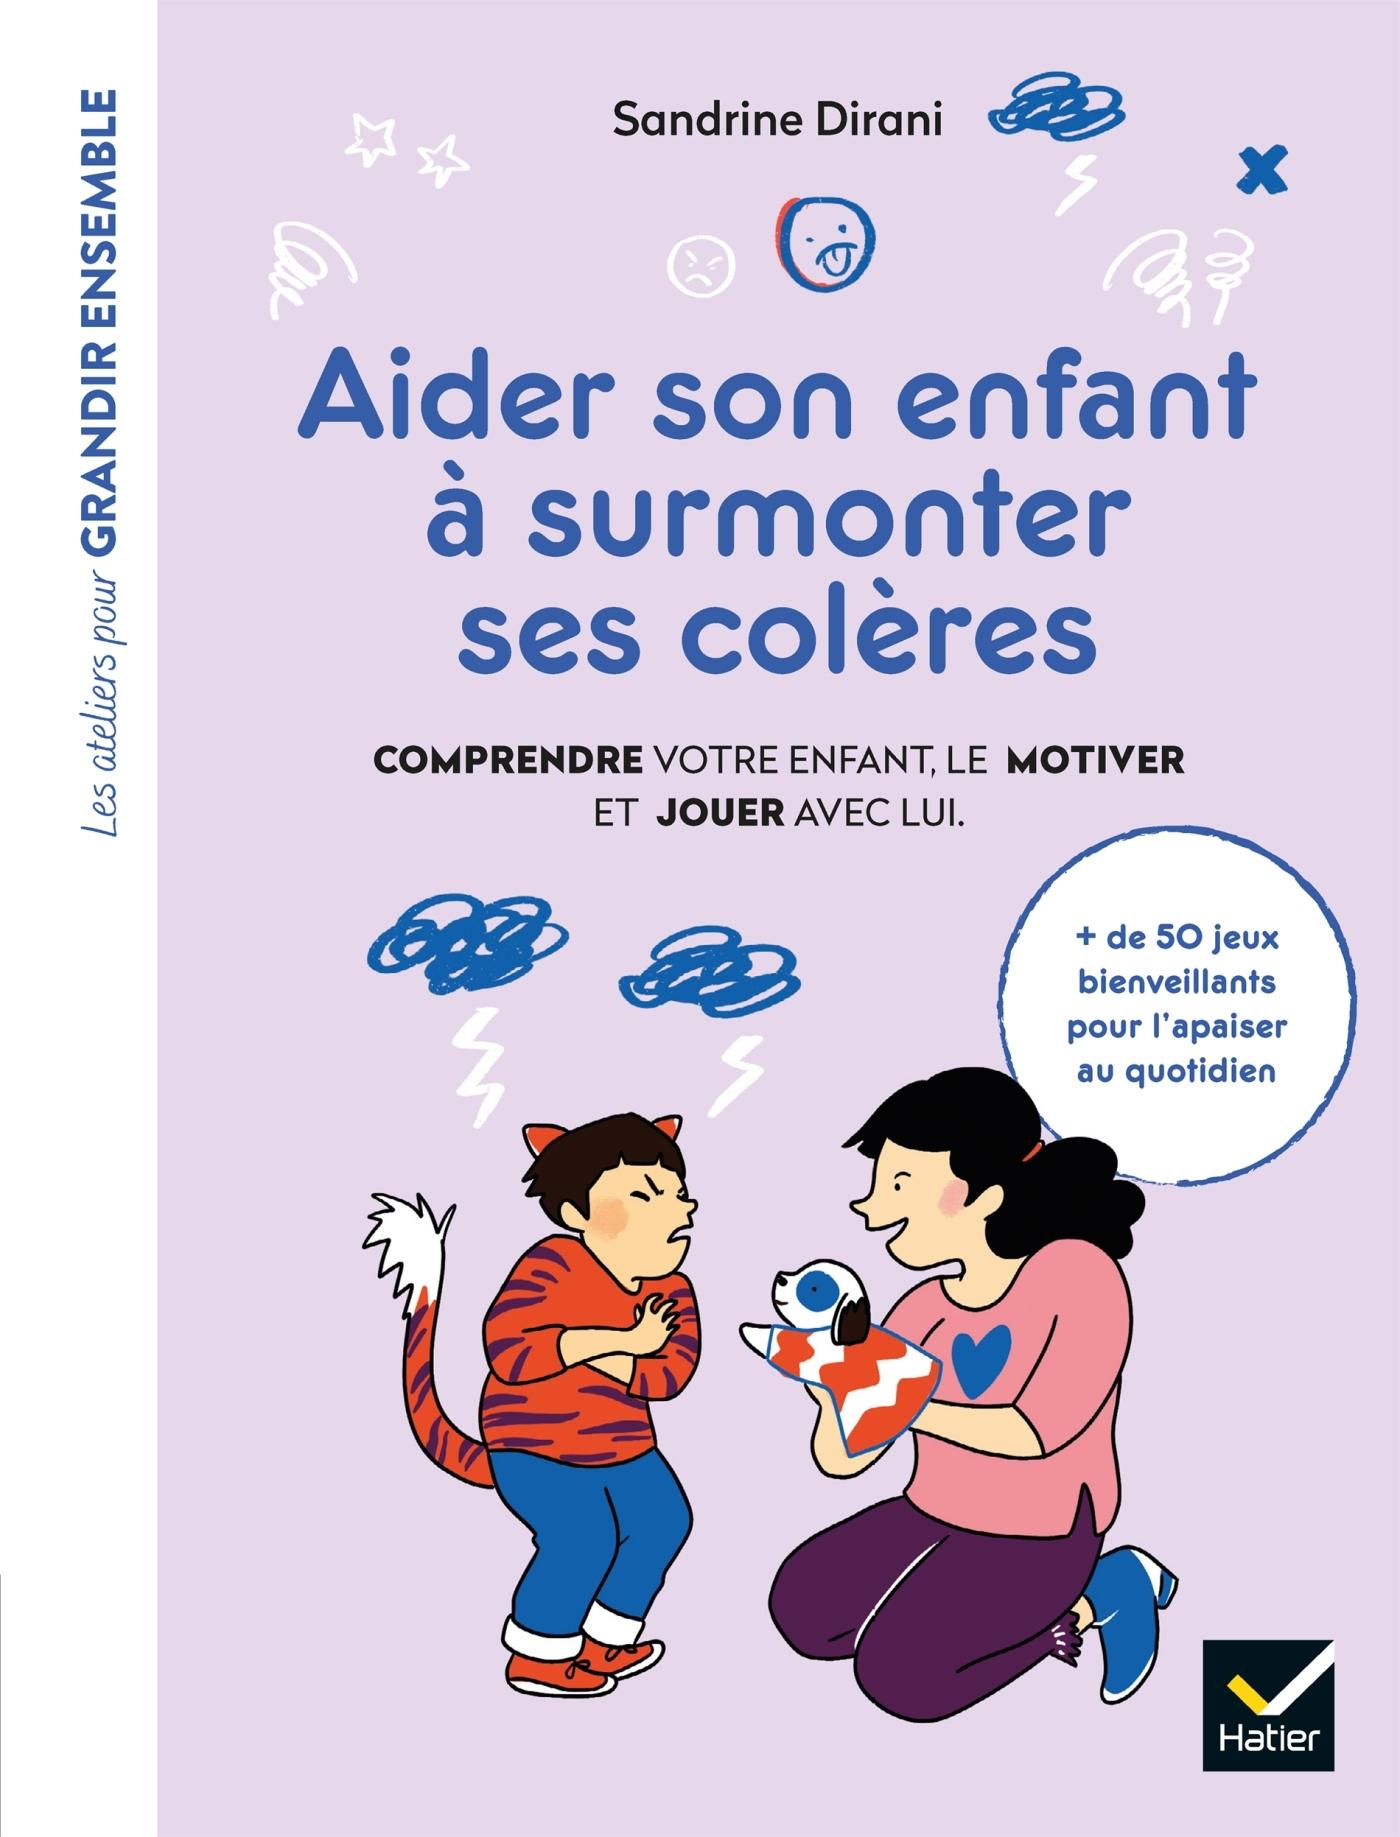 AIDER SON ENFANT A SURMONTER SES COLERES